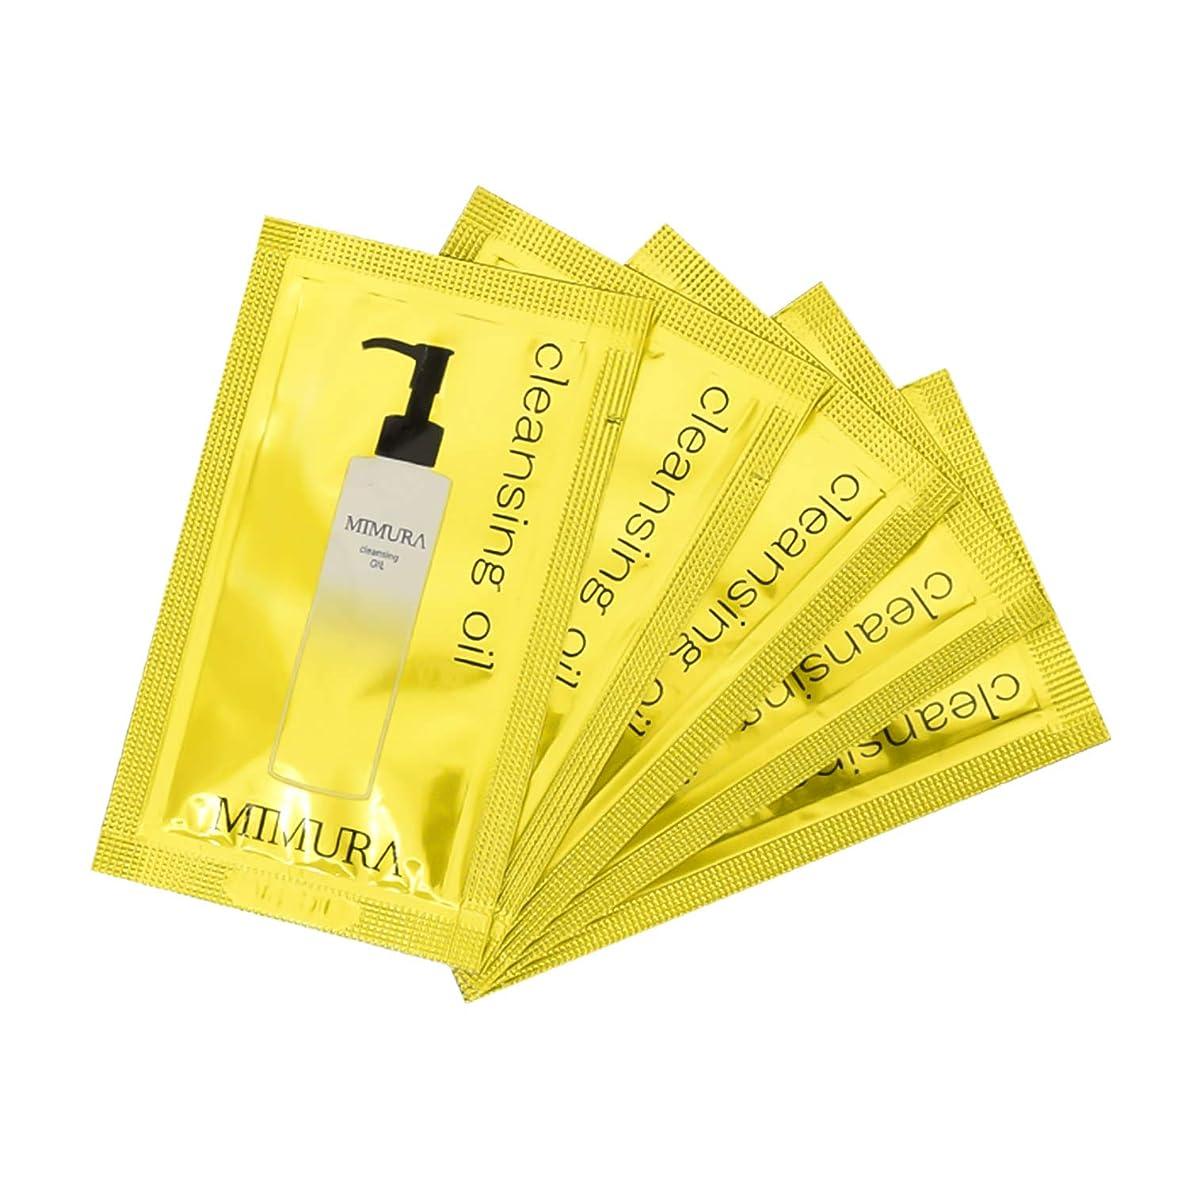 請求書偶然のモチーフメイク落とし W洗顔不要 まつエク対応 ミムラ クレンジング オイル 試供品 5個入り ゆうパケット(ポスト投函)での発送となります。 MIMURA 日本製 ※おひとり様1点までとなります。